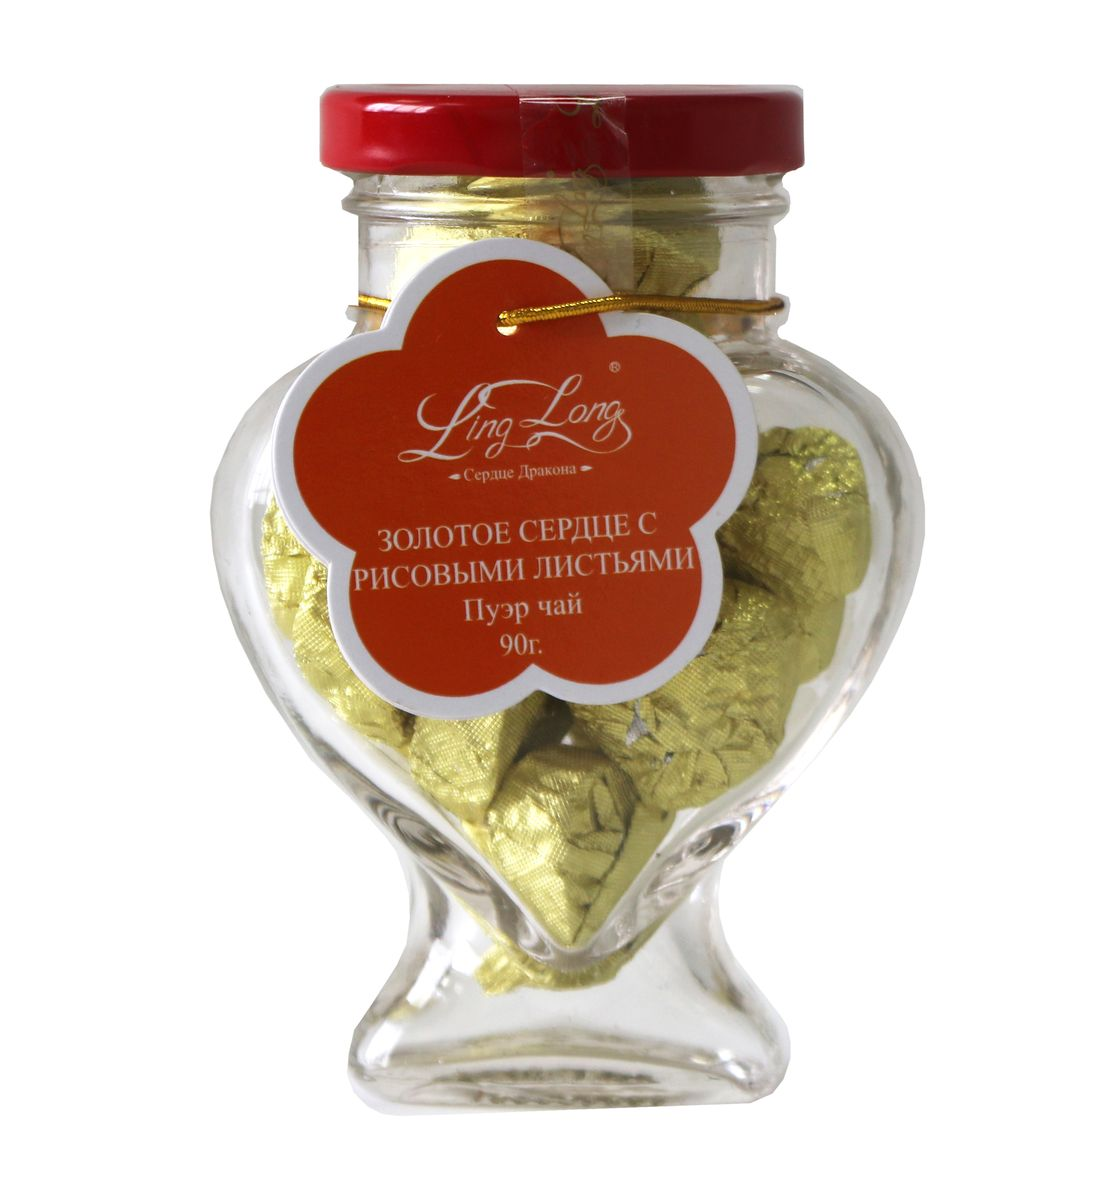 Ling Long Золотое сердце с рисовыми листьями черный листовой чай пуэр, 90 г (стеклянная банка)LL509Чай чёрный Пуэр байховый китайский крупнолистовой Ling Long Золотое сердце с рисовыми листьями. Спрессован в форме сердечка. Такой чай станет отличным подарком друзьям или близким.Всё о чае: сорта, факты, советы по выбору и употреблению. Статья OZON Гид